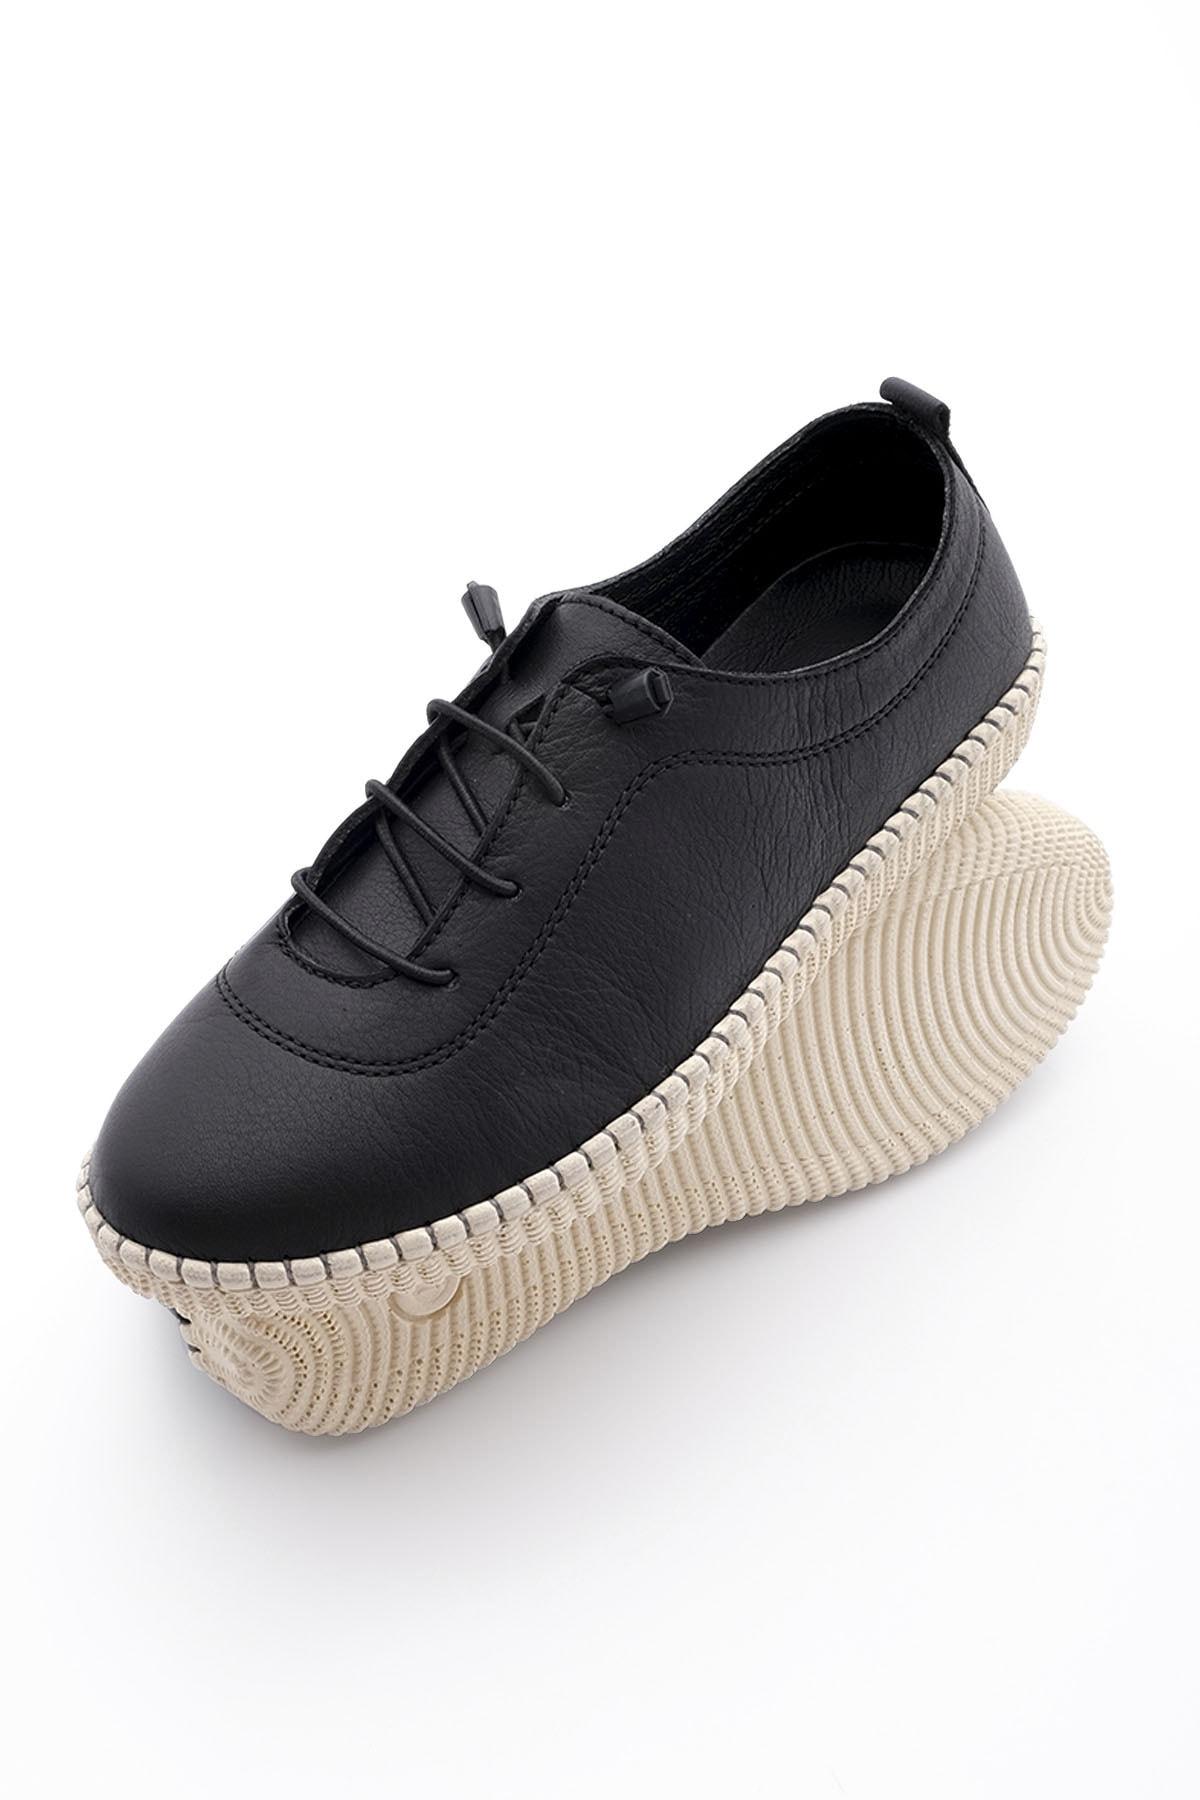 Kadın Siyah Hakiki Deri Comfort Ayakkabı Ritok